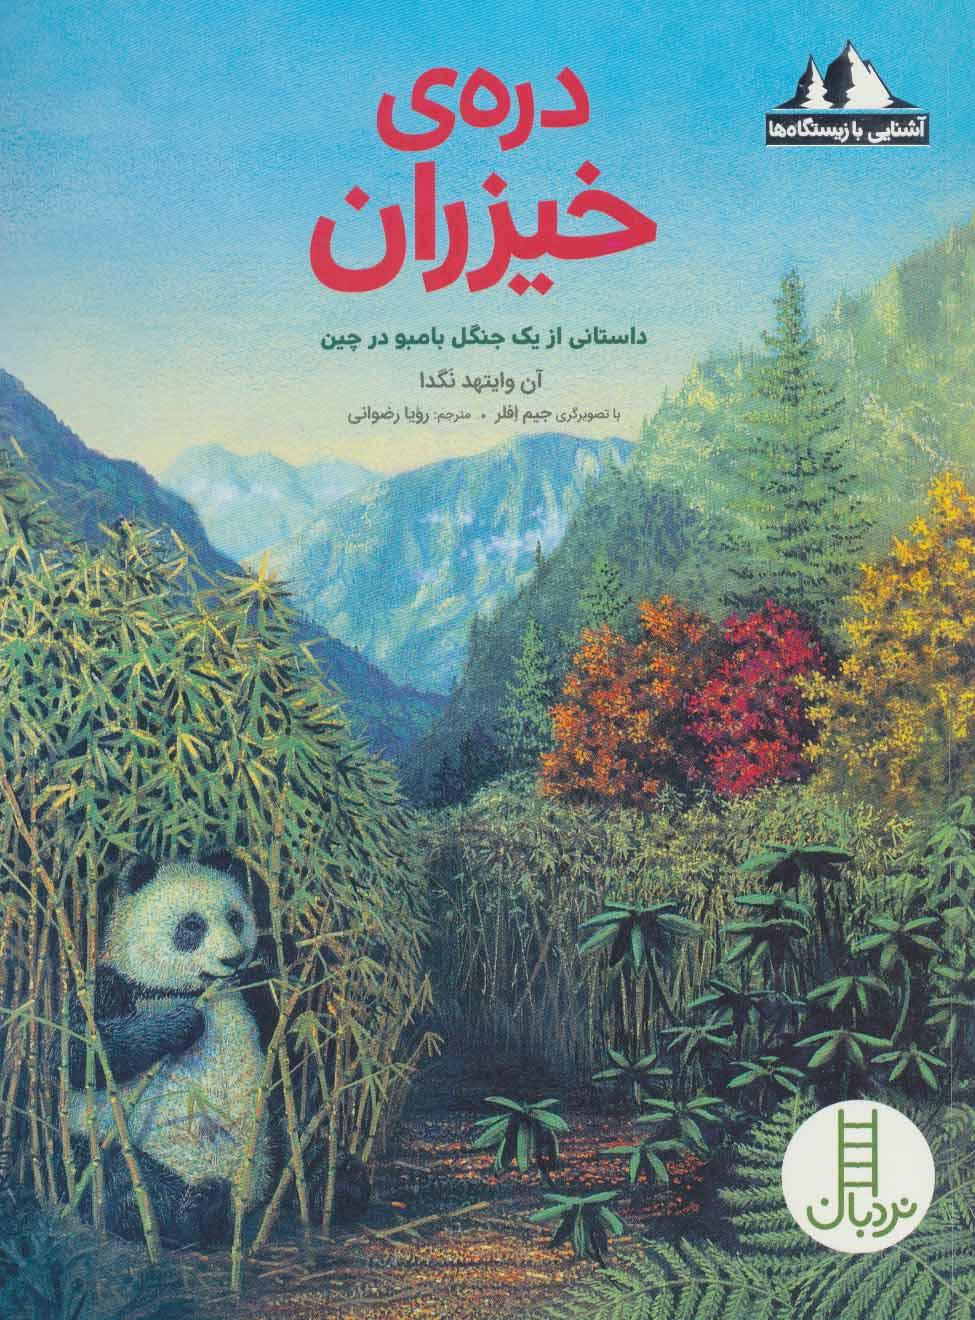 دره ی خیزران:داستانی از یک جنگل بامبو در چین (آشنایی با زیستگاه ها)،(گلاسه)